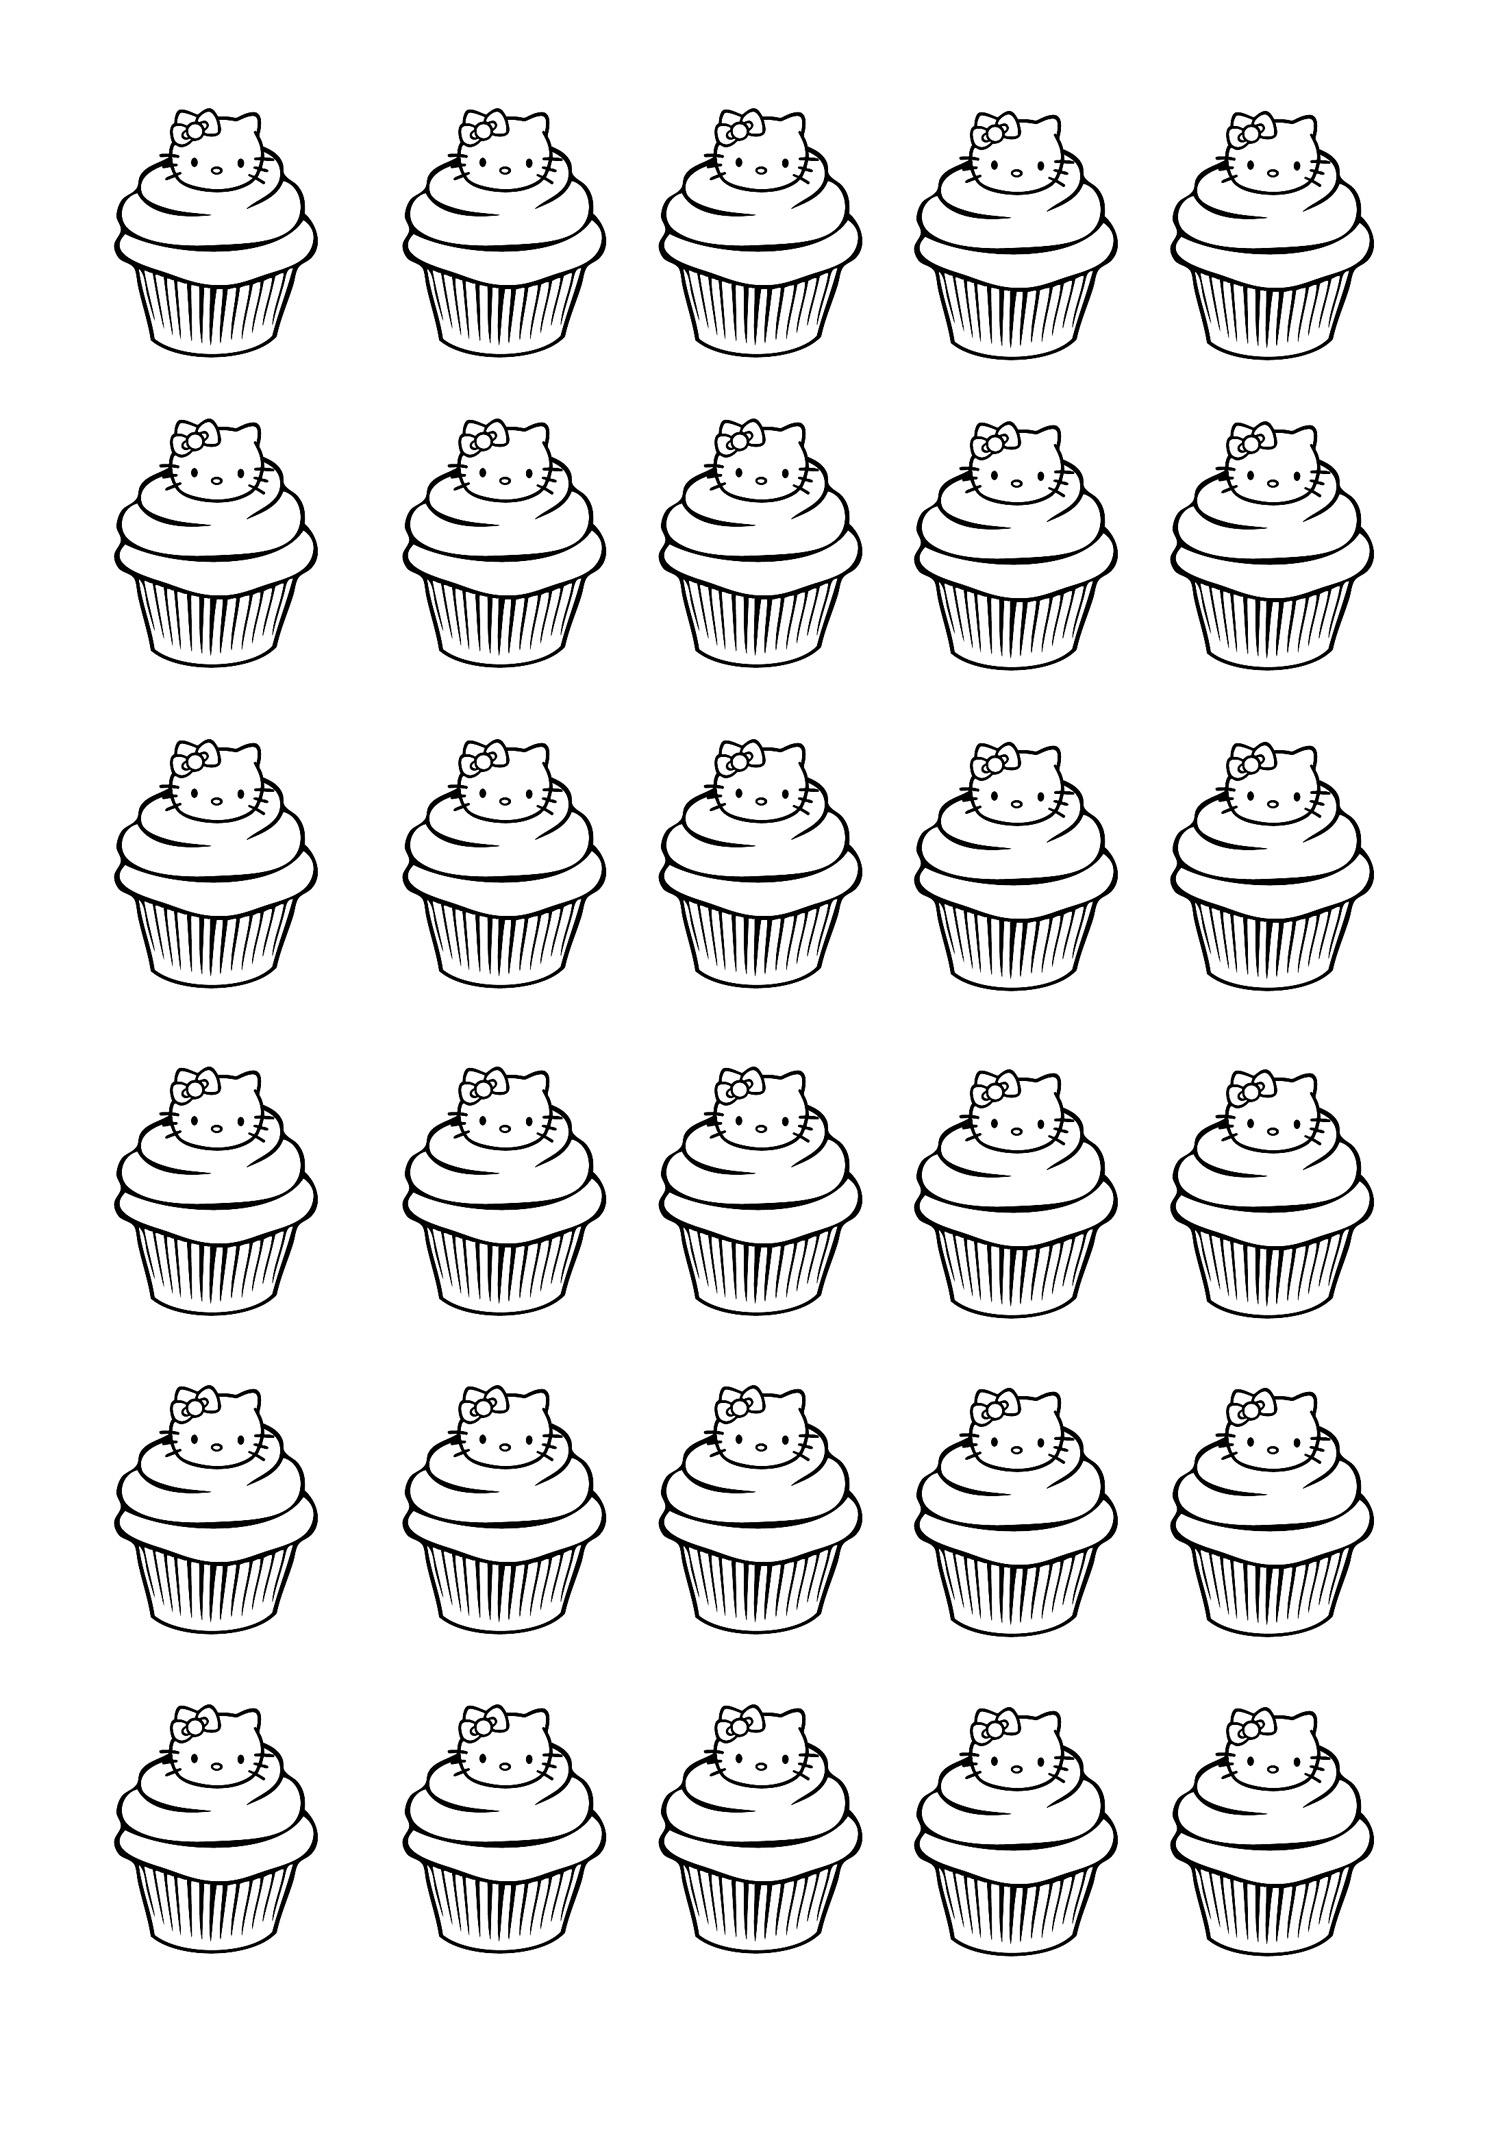 Cup Cakes - Coloriages Difficiles Pour Adultes : Coloriage dedans Coloriage Cupcake A Imprimer